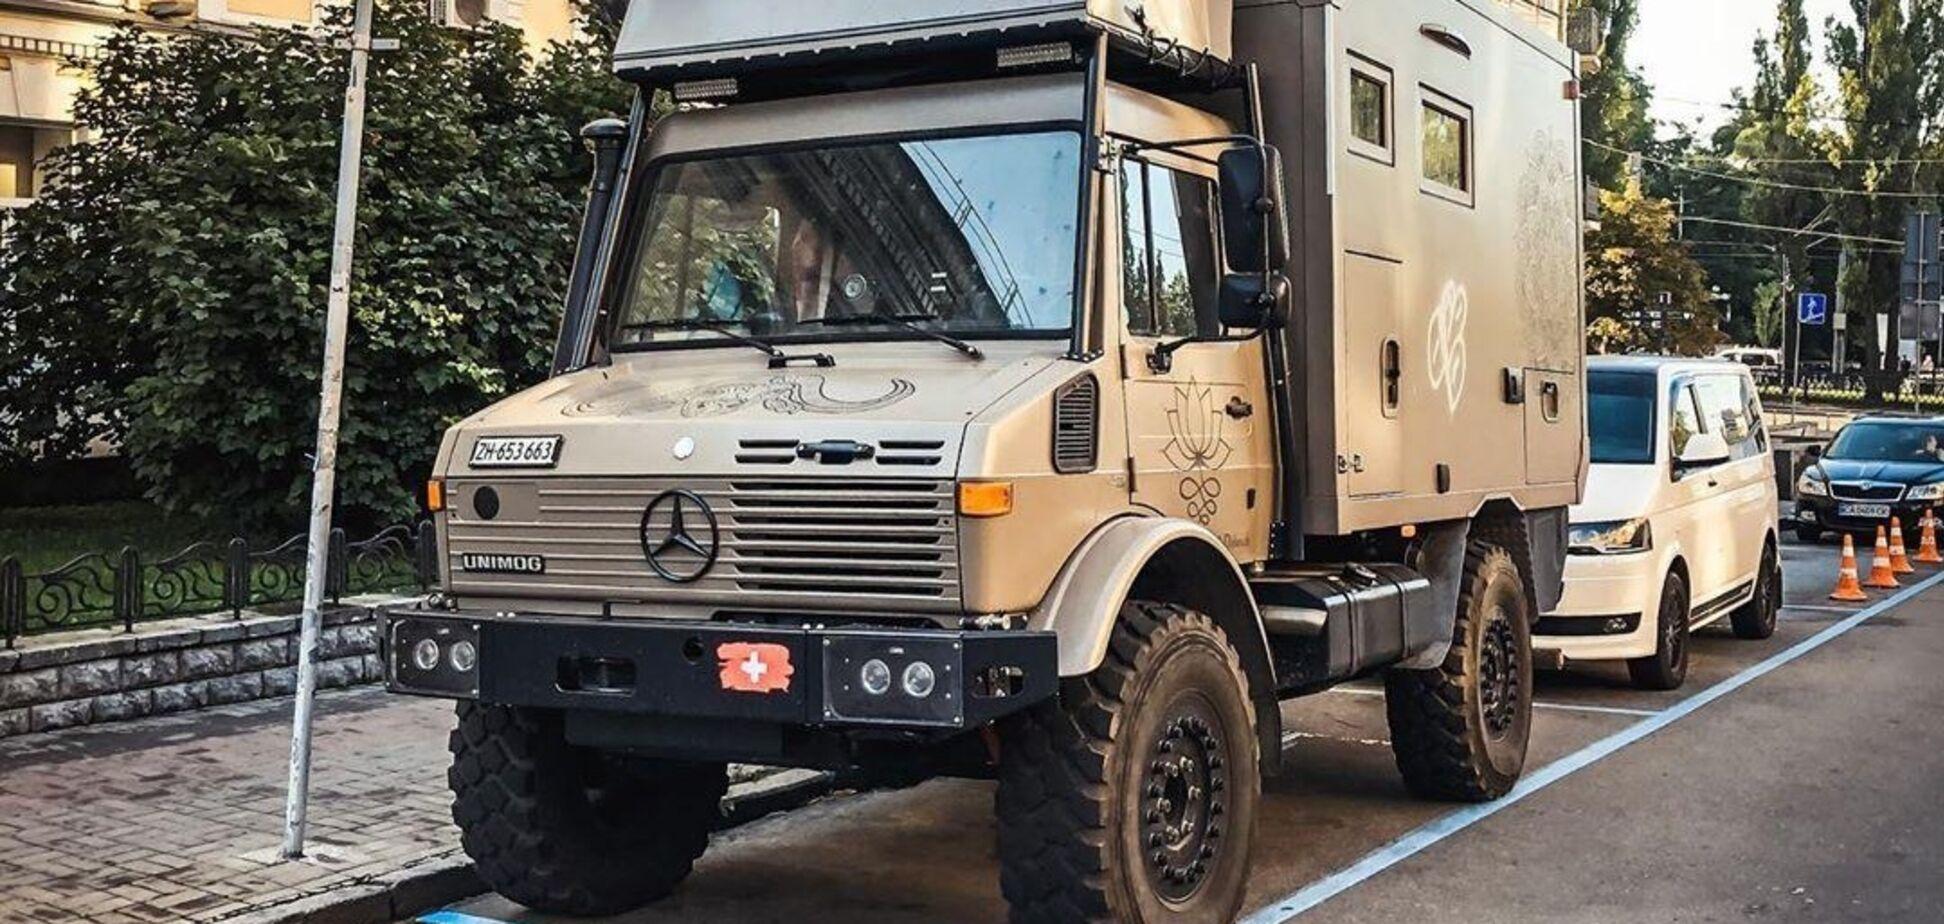 Унікальний Mercedes Unimog знайшли в центрі Києва. Фото: Instagram @topcars_u.a